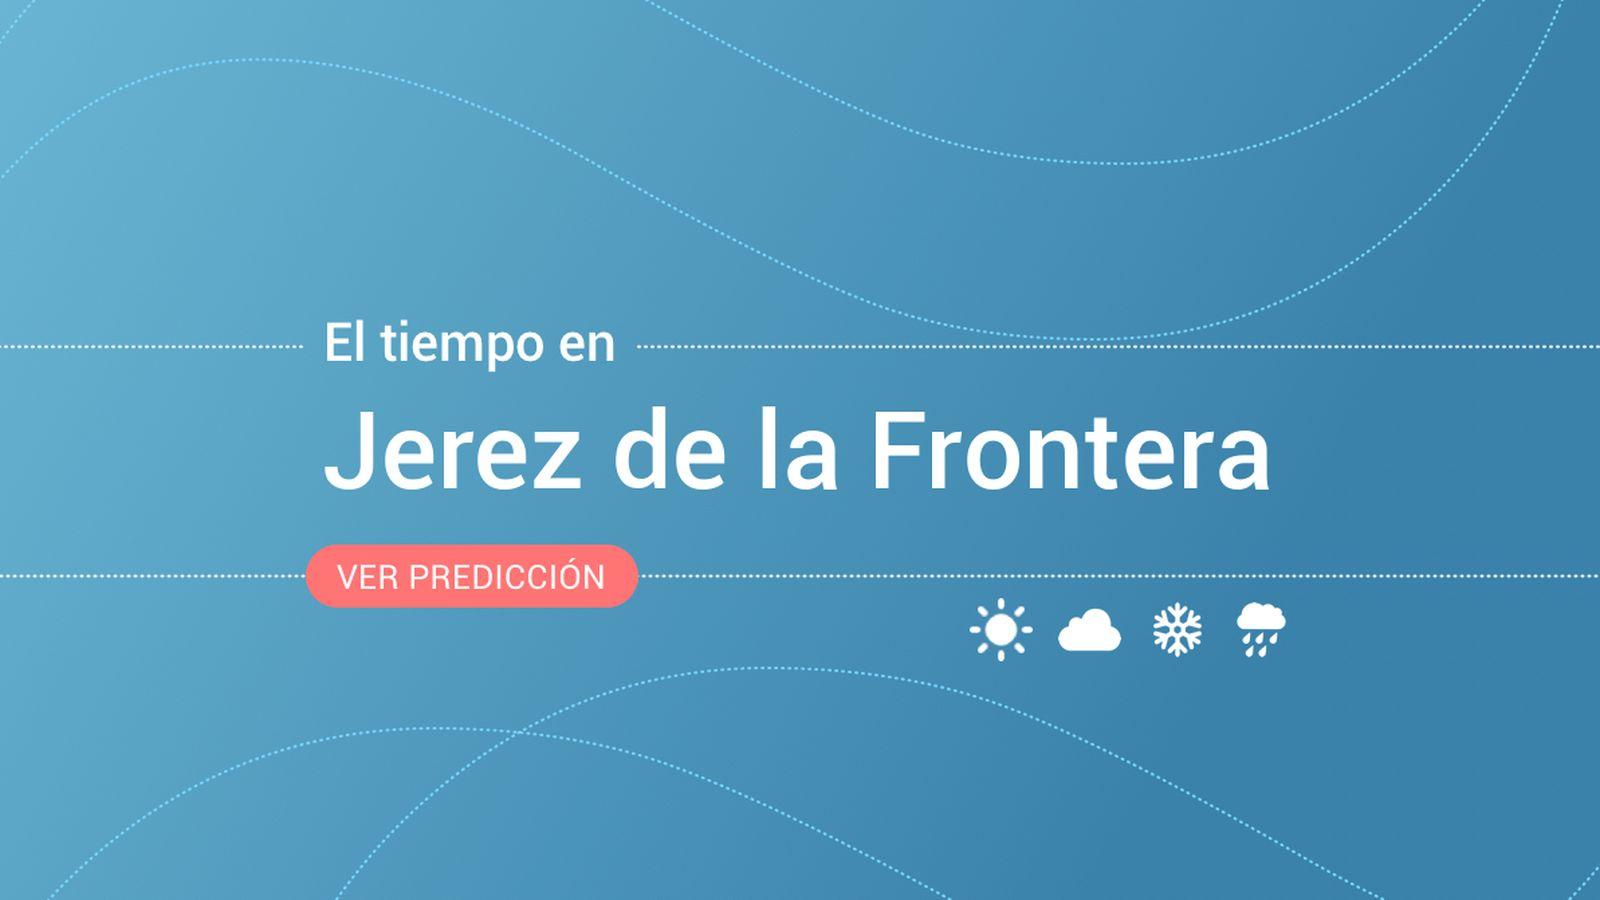 Foto: El tiempo en Jerez de la Frontera. (EC)